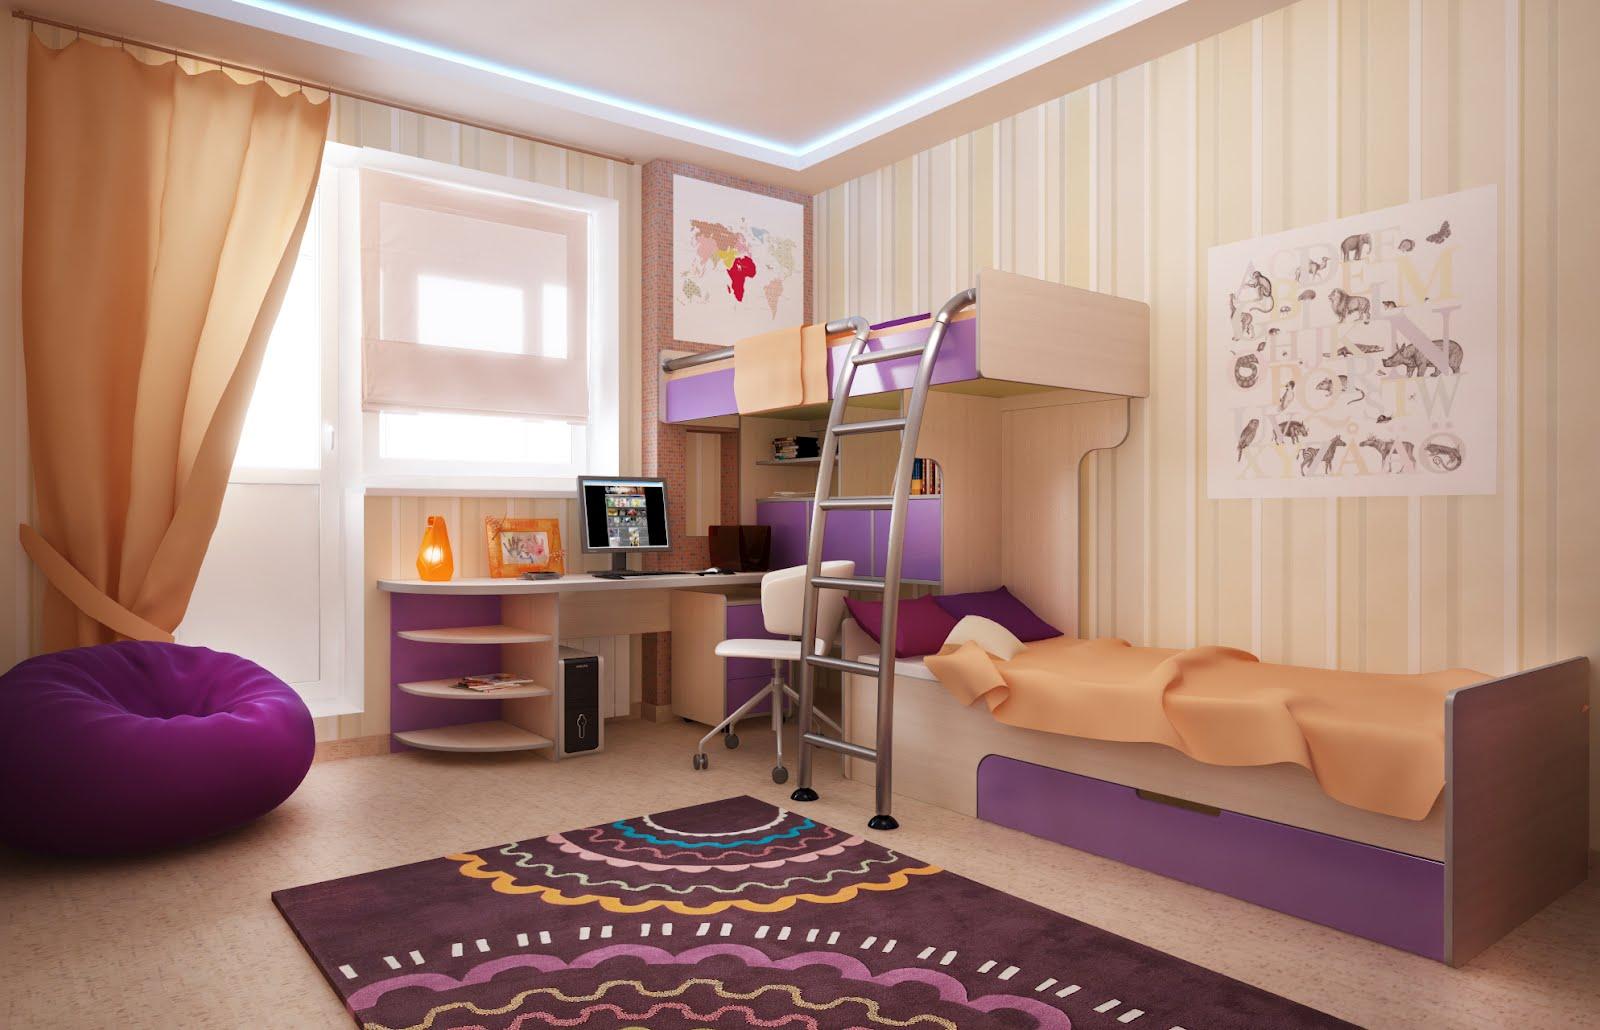 Дизайн детской комнаты для девочки с балконом. дизайн детско.